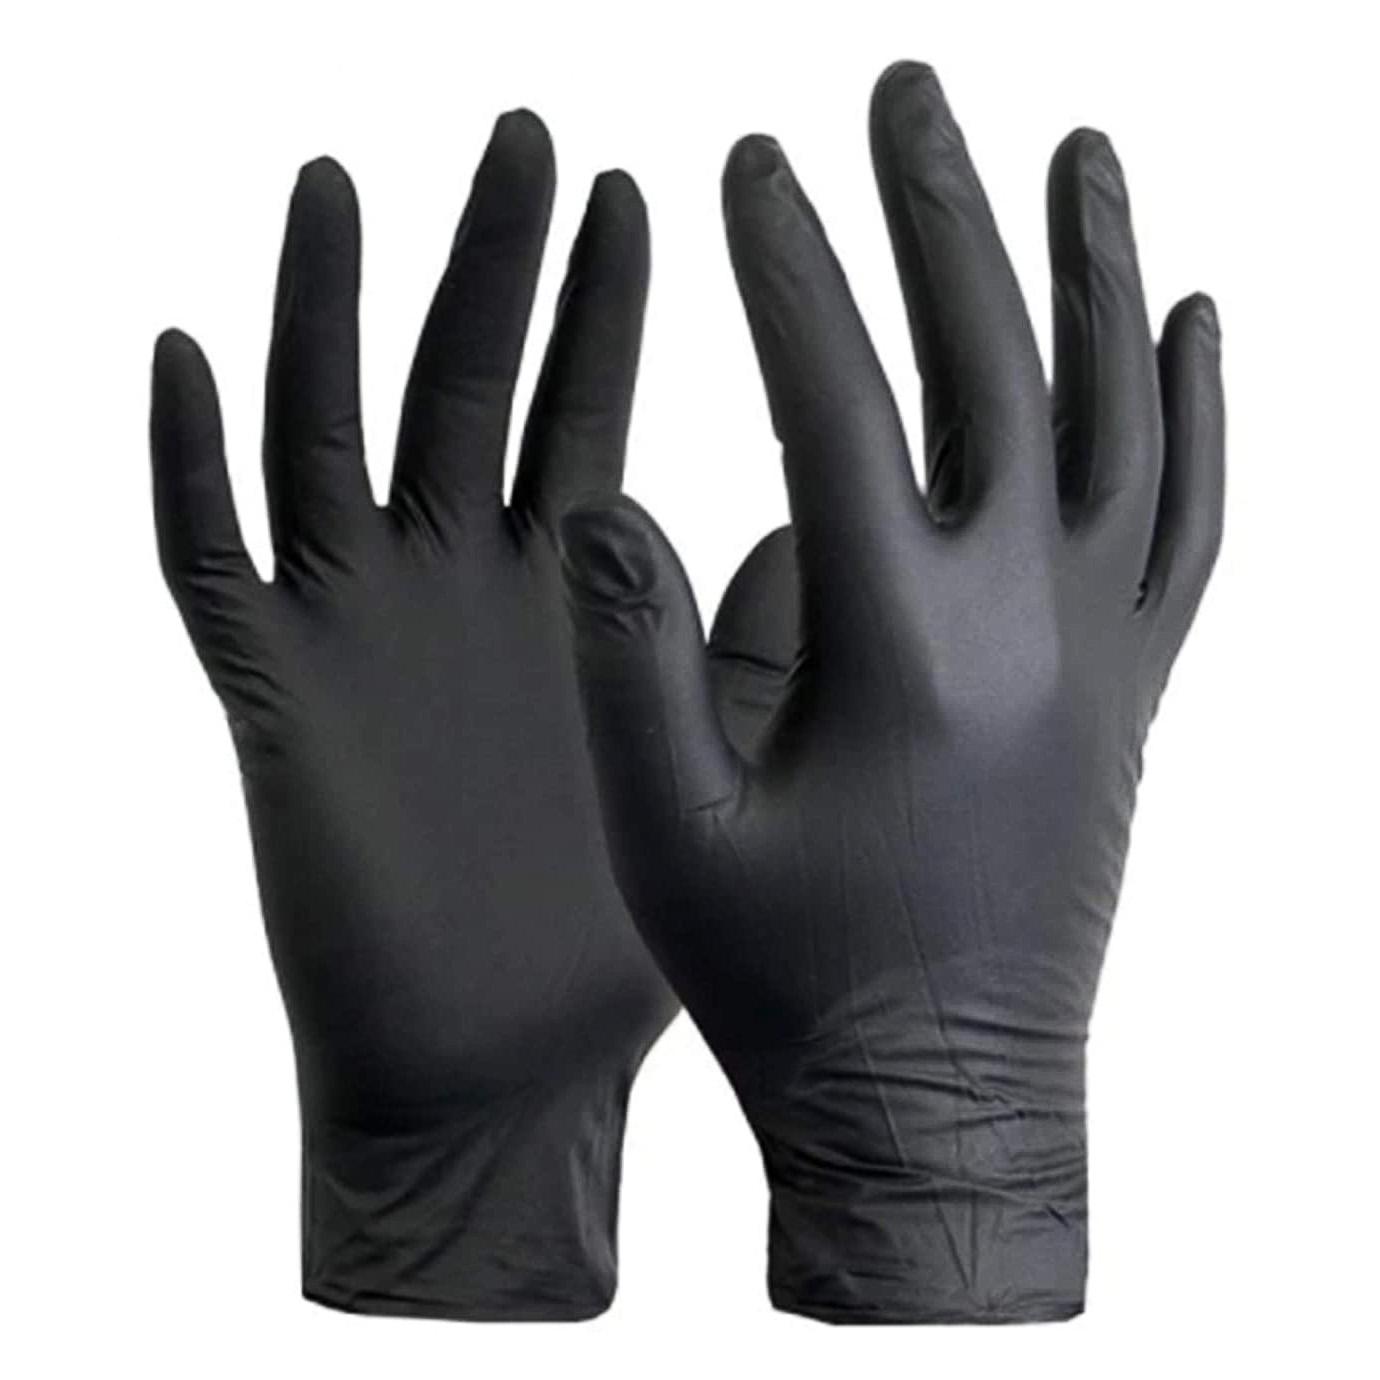 Перчатки нитриловые неопудренные Nitnle gloves , размер M, 100шт./уп., черн. Китай - фото 1